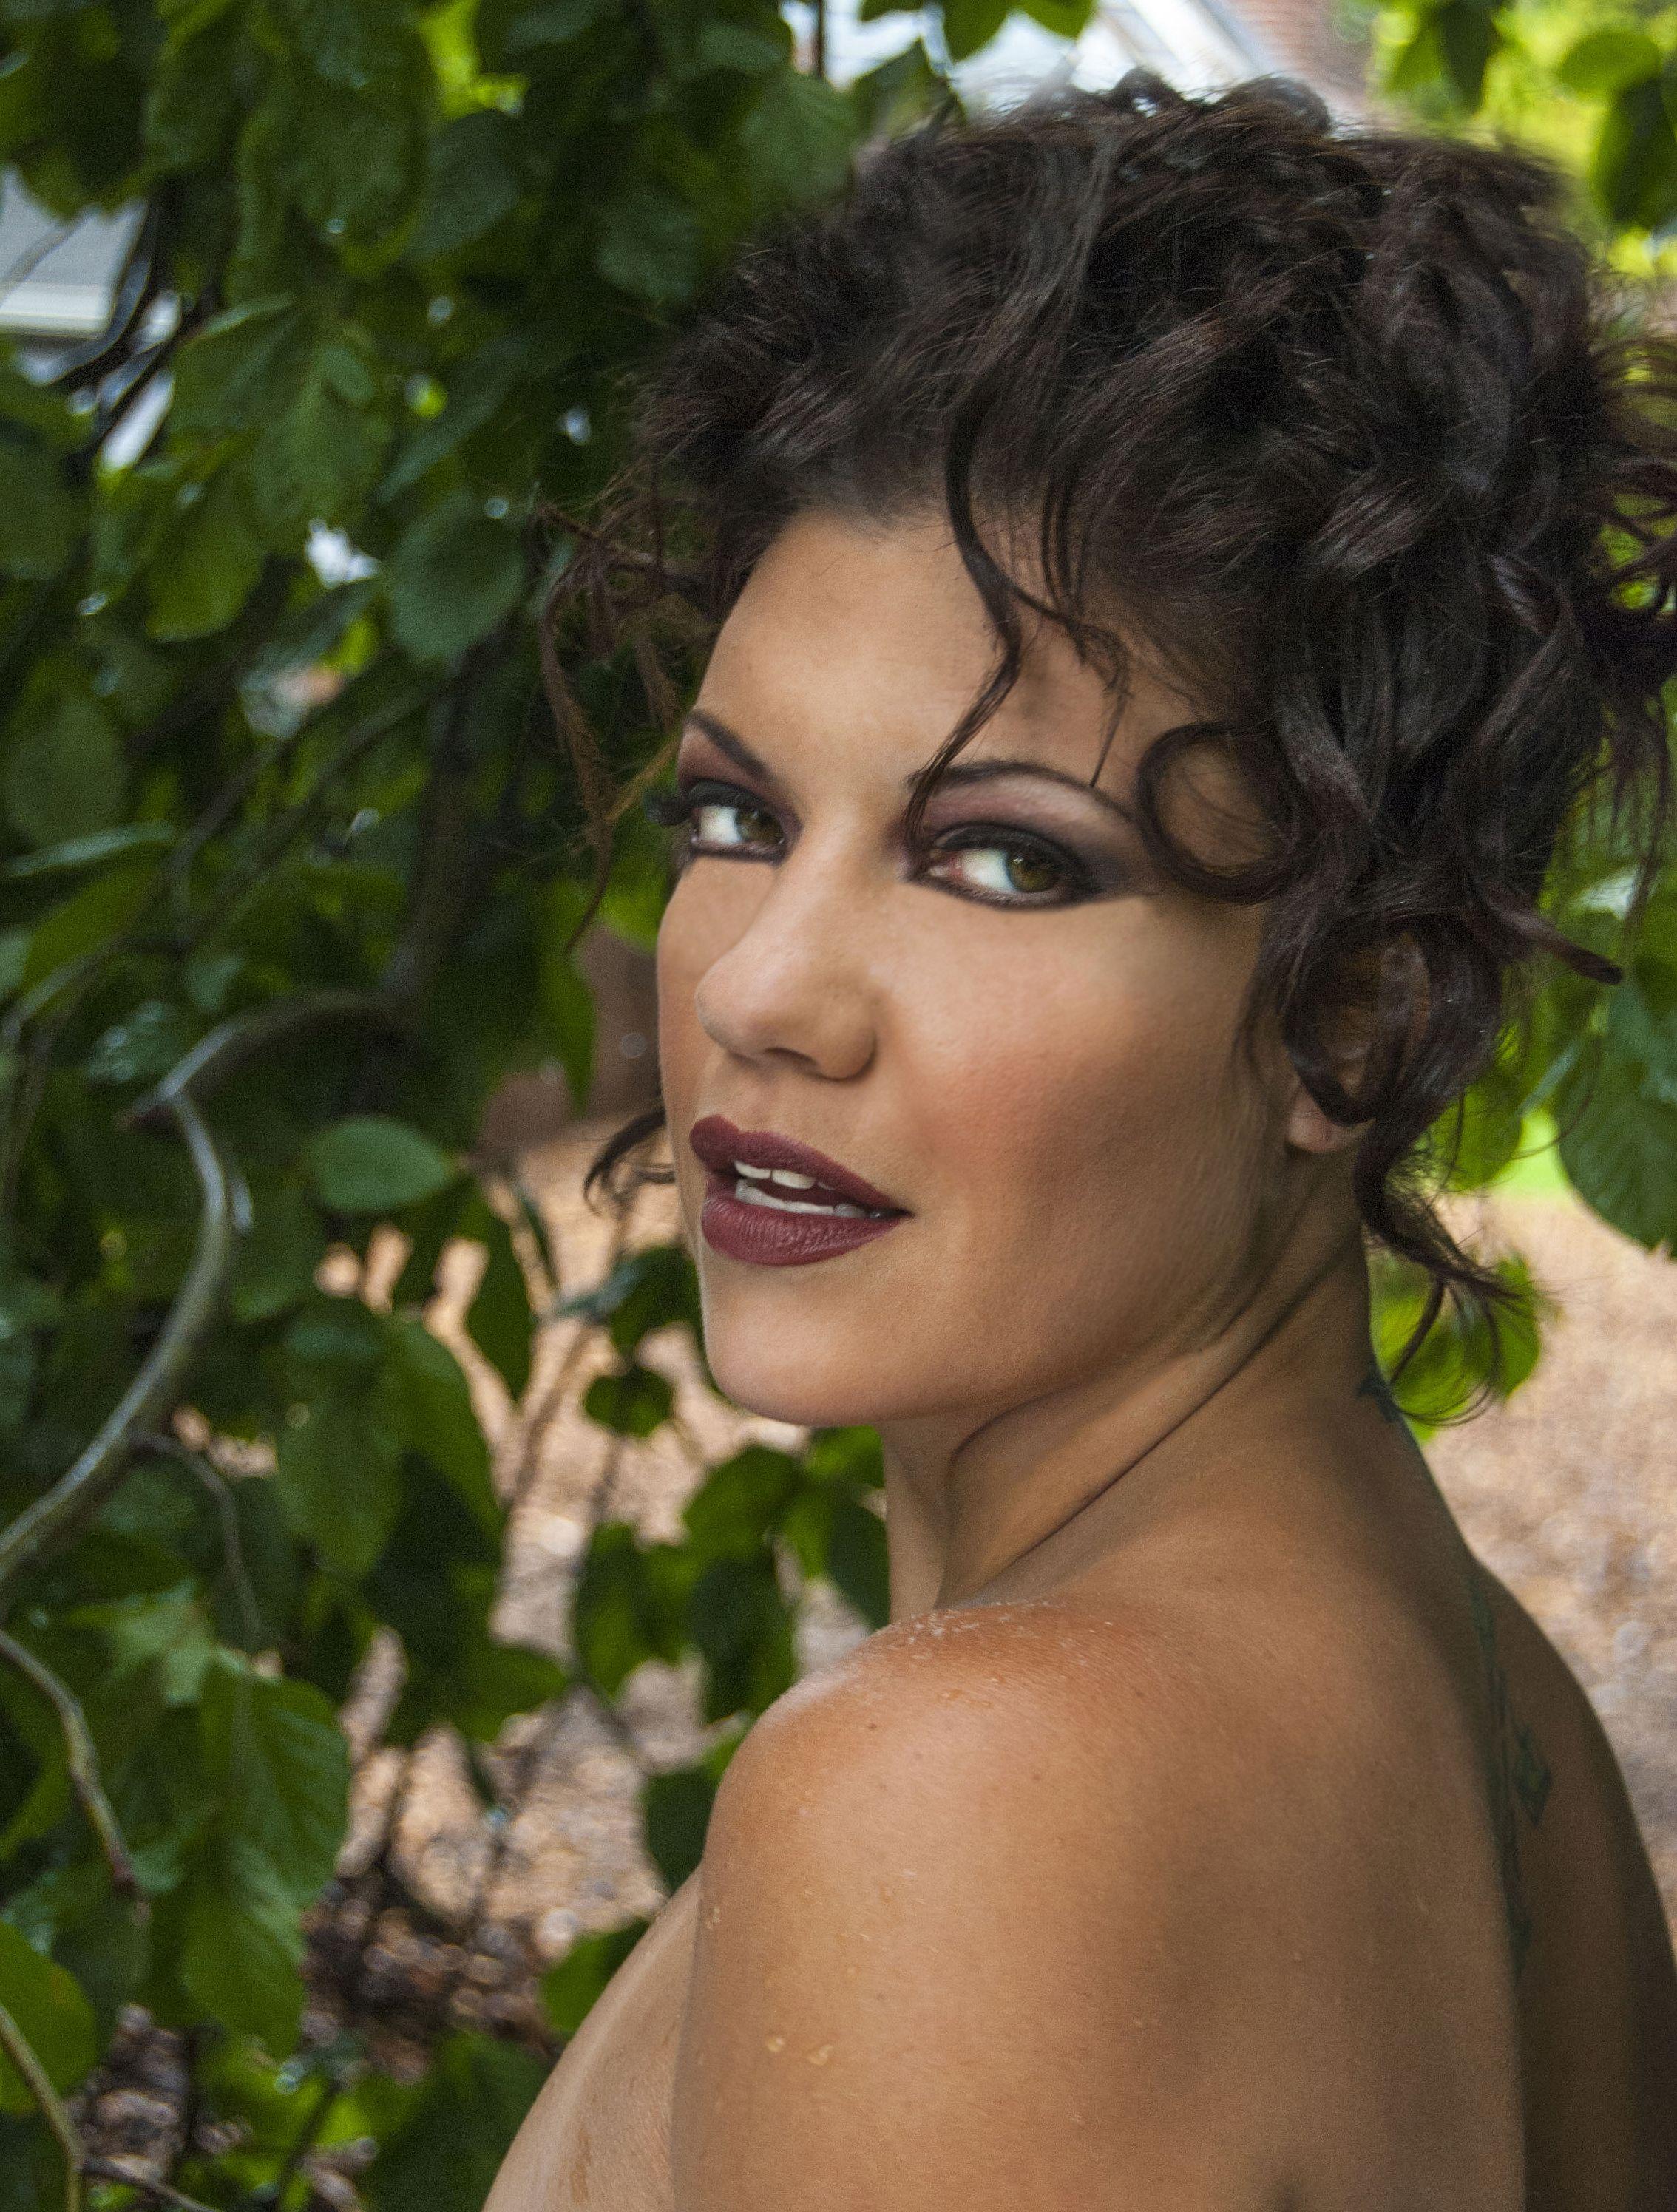 Zoe Daelman Chlanda